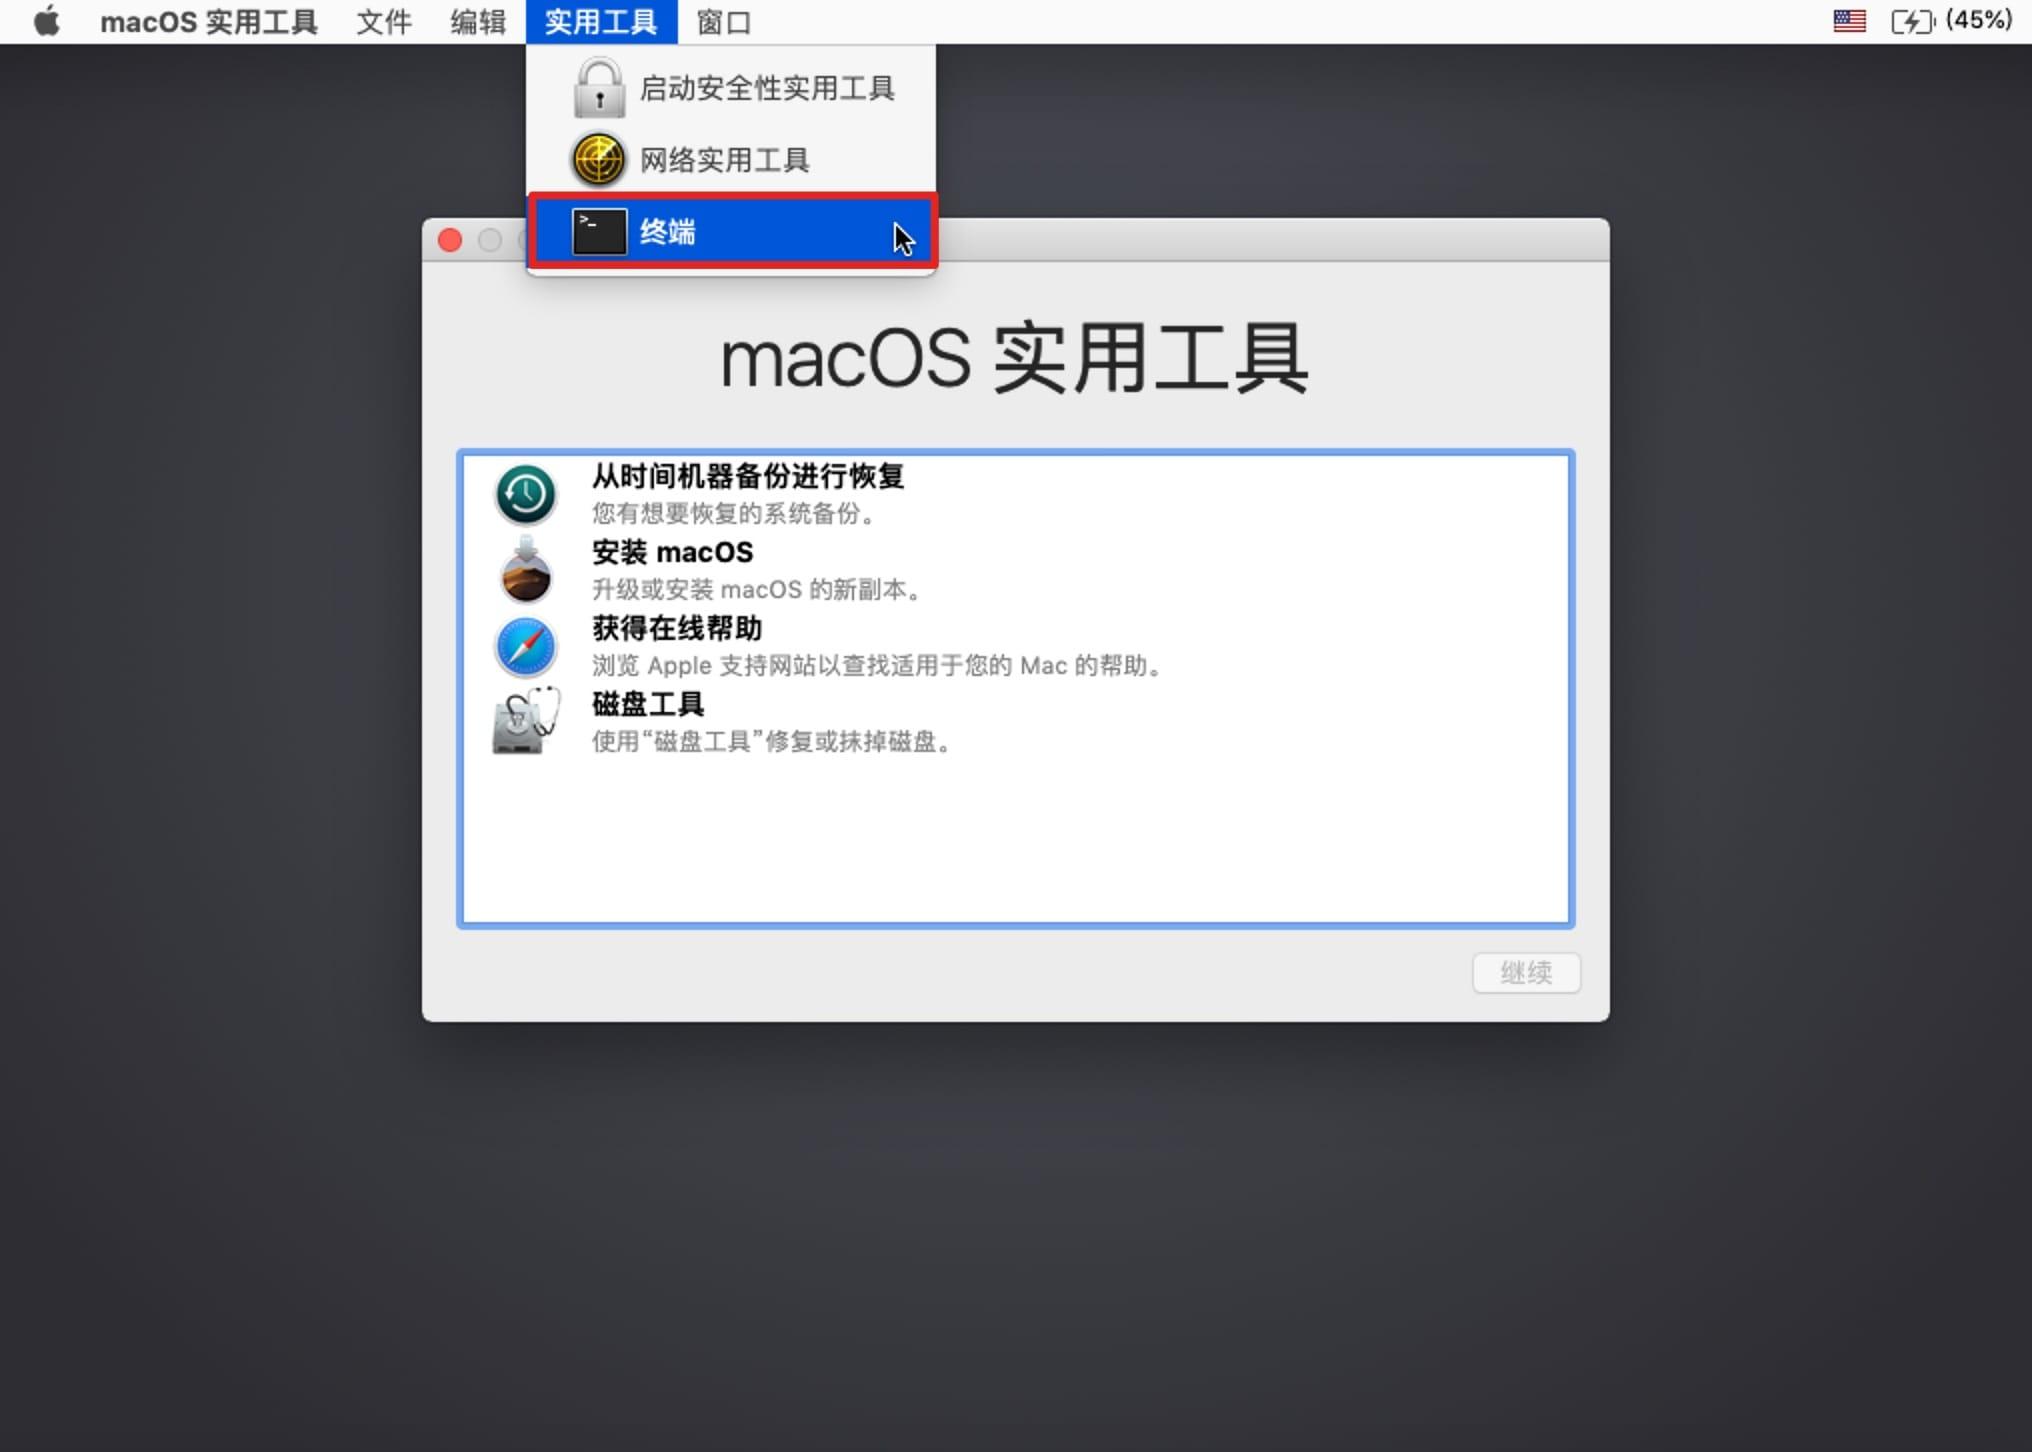 如何关闭Mac上的SIP系统完整性保护 Mac教程 第1张